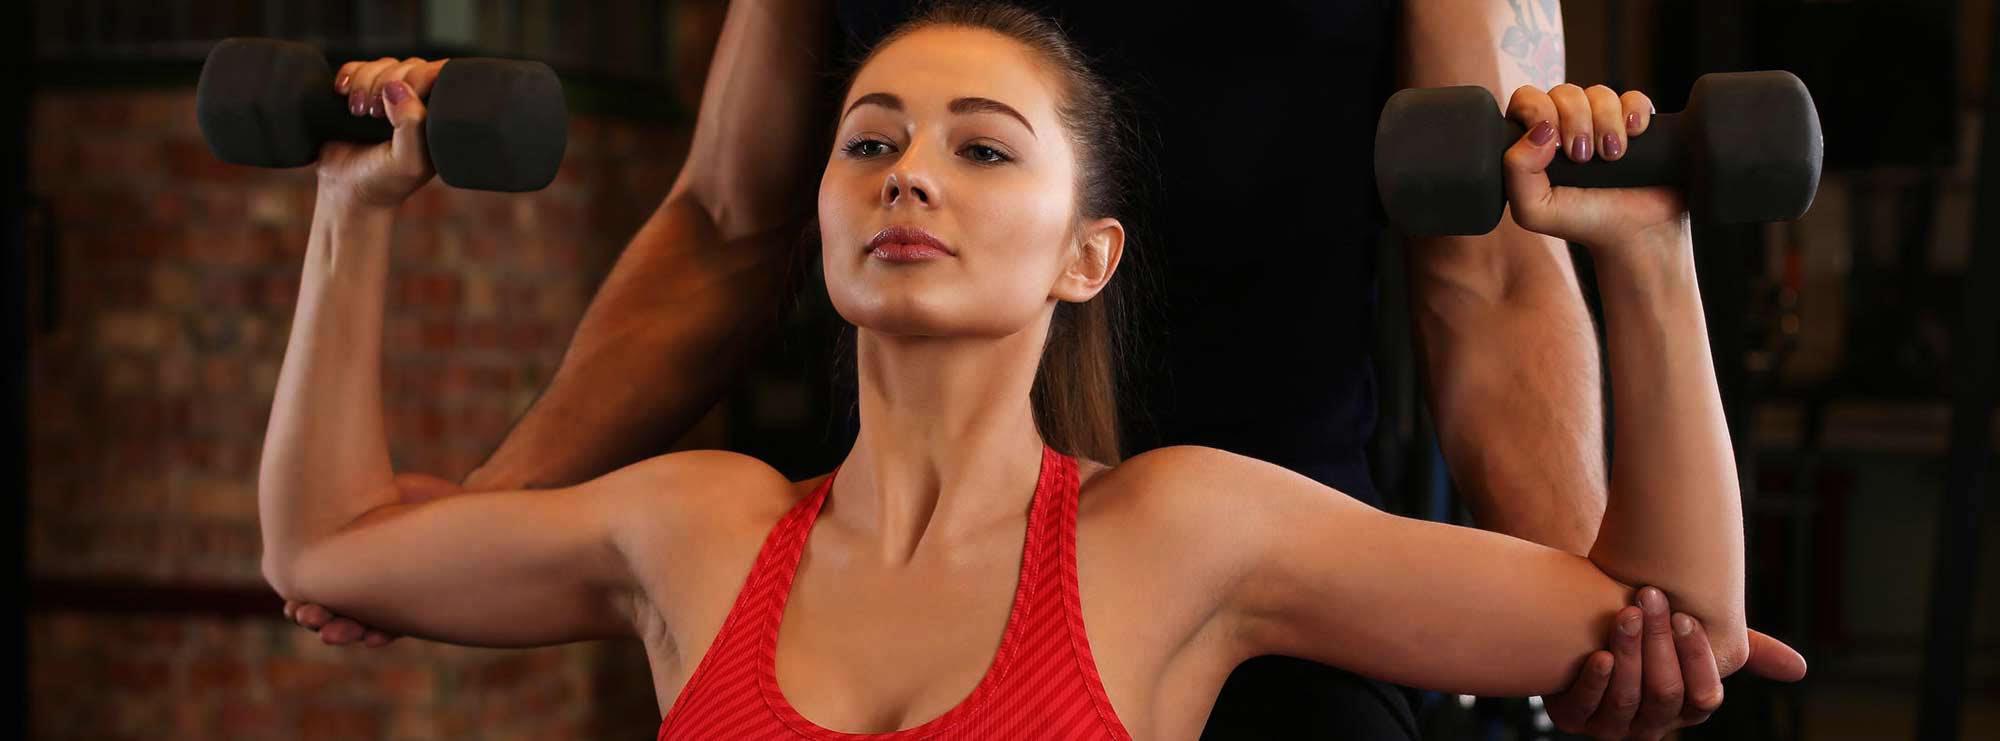 formazione sportiva body builder fitness